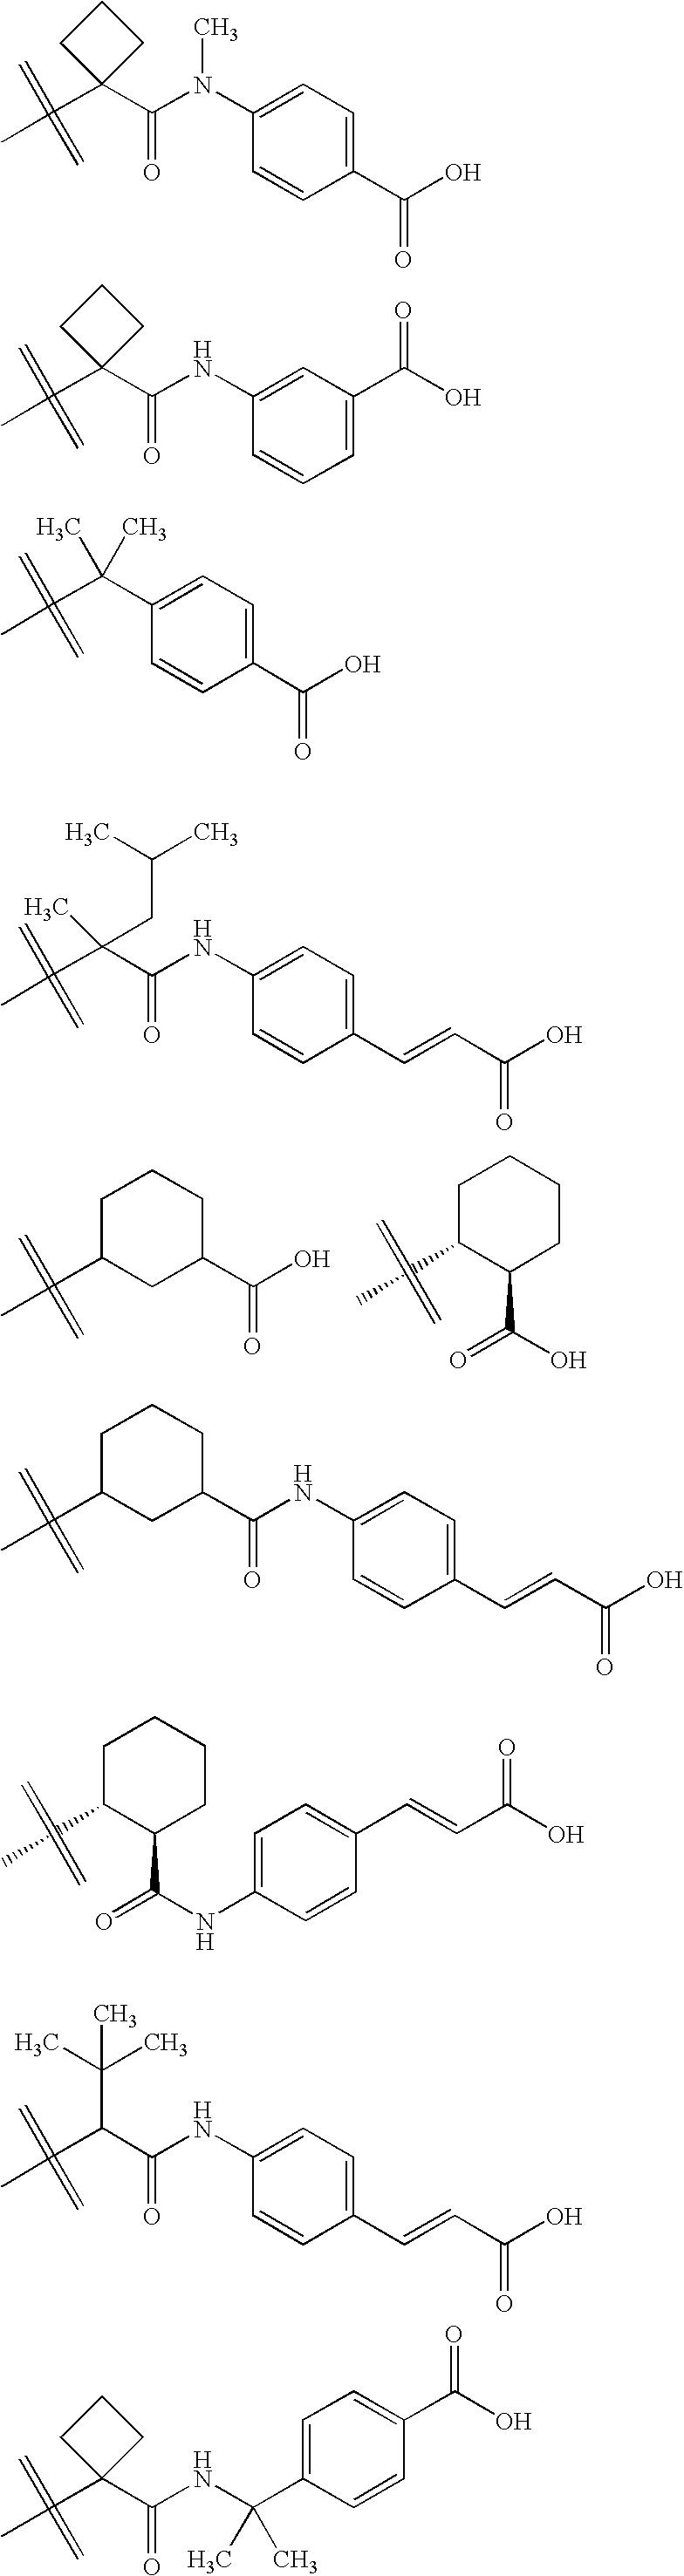 Figure US20070049593A1-20070301-C00170